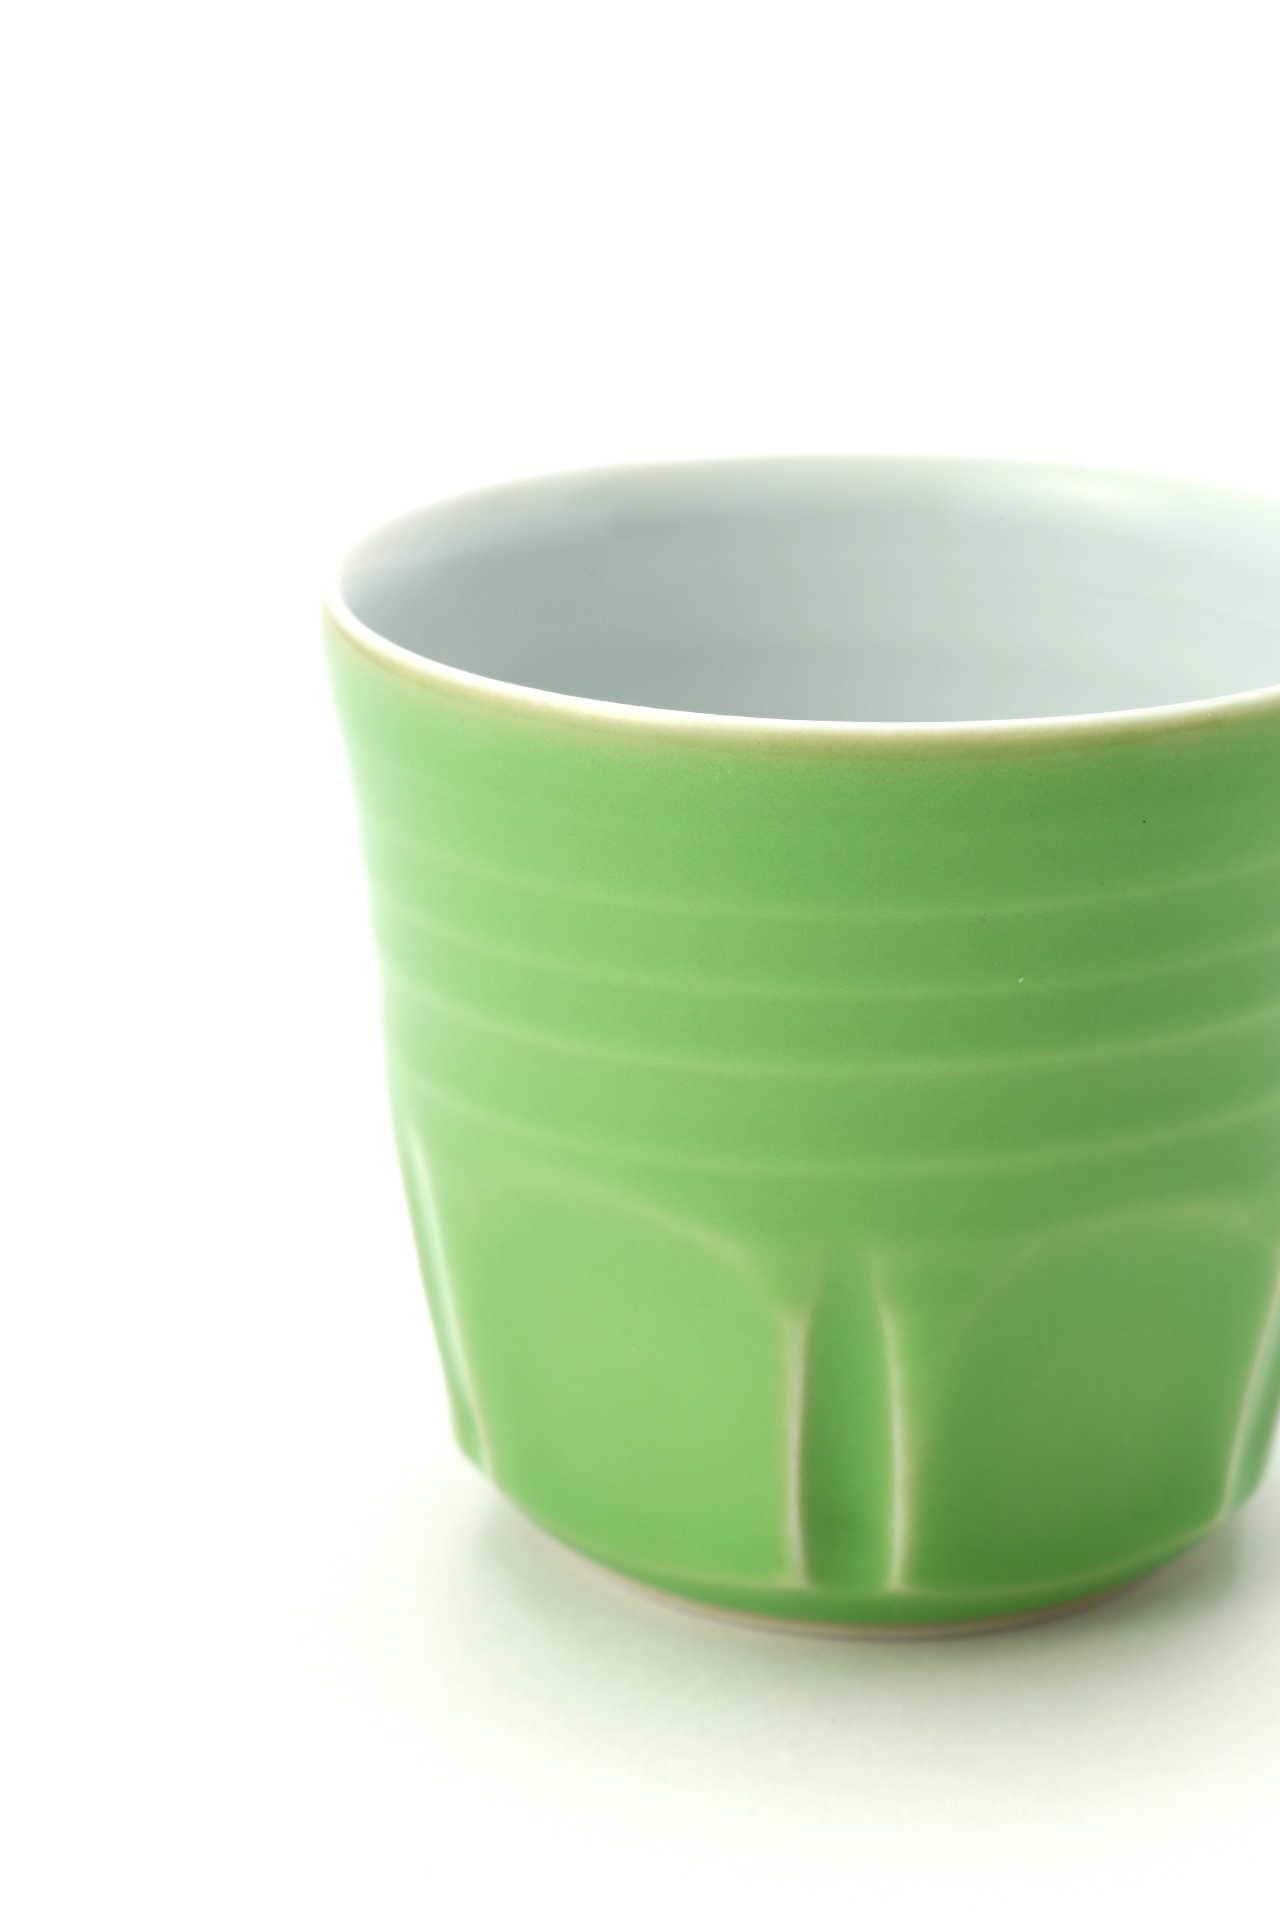 ASAHIYAKI SMALL CUP4